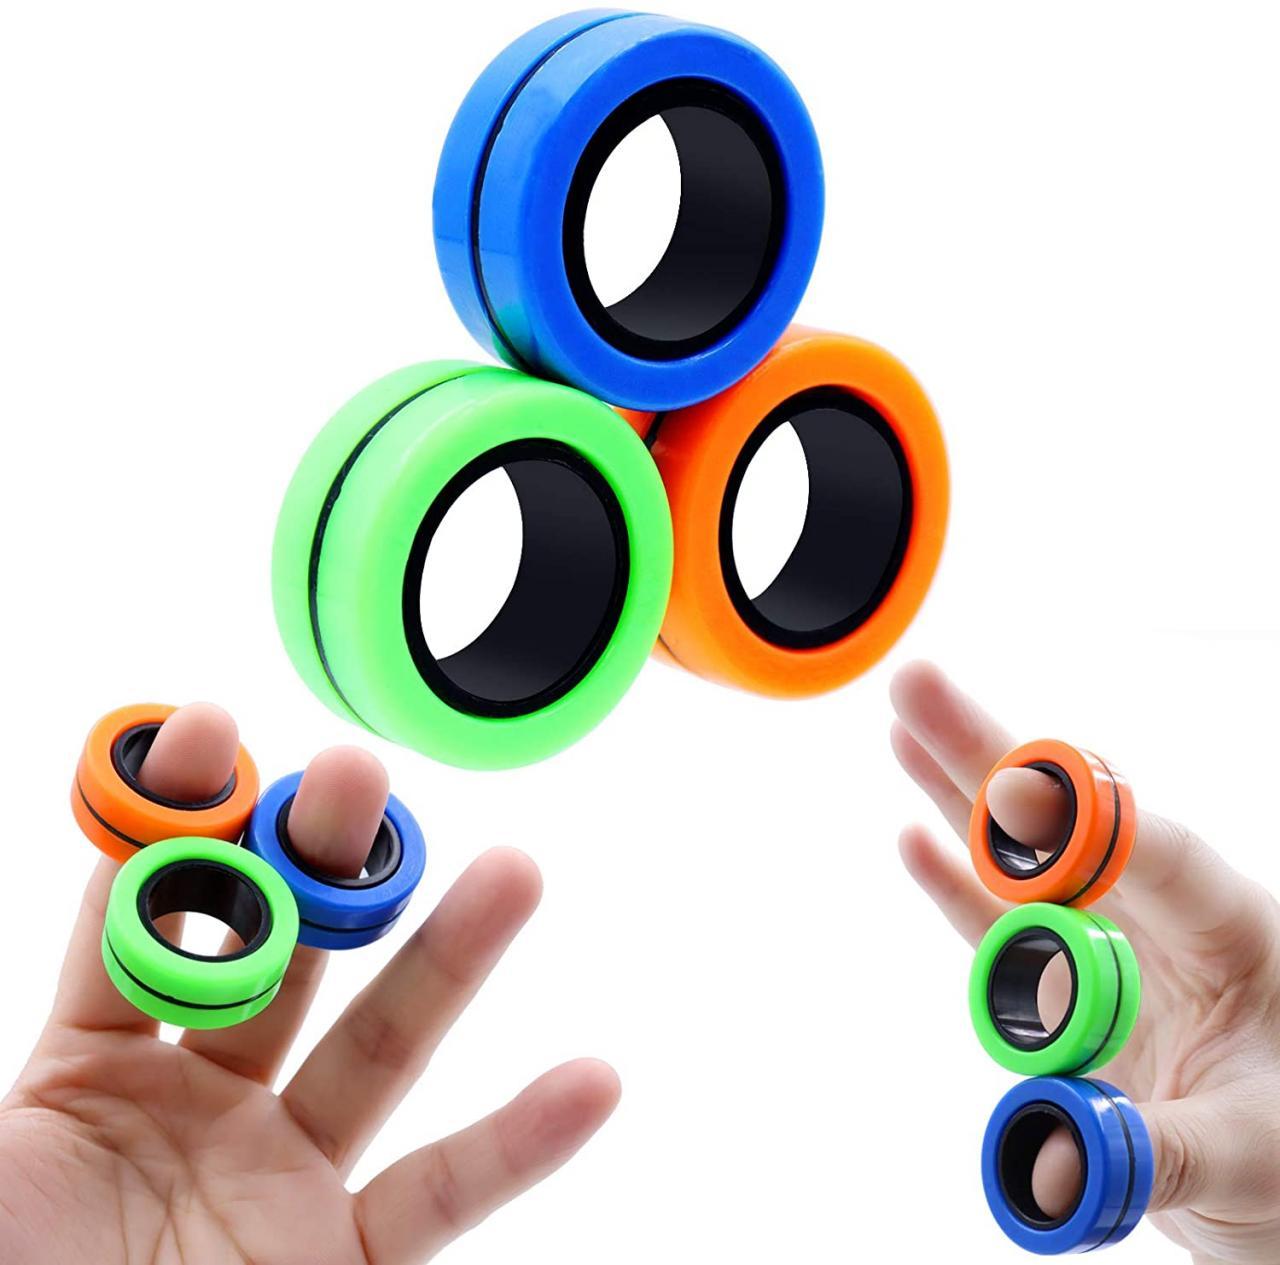 H069b079ff49c4c81944983c47e429ae4c - Ring Fidget Store